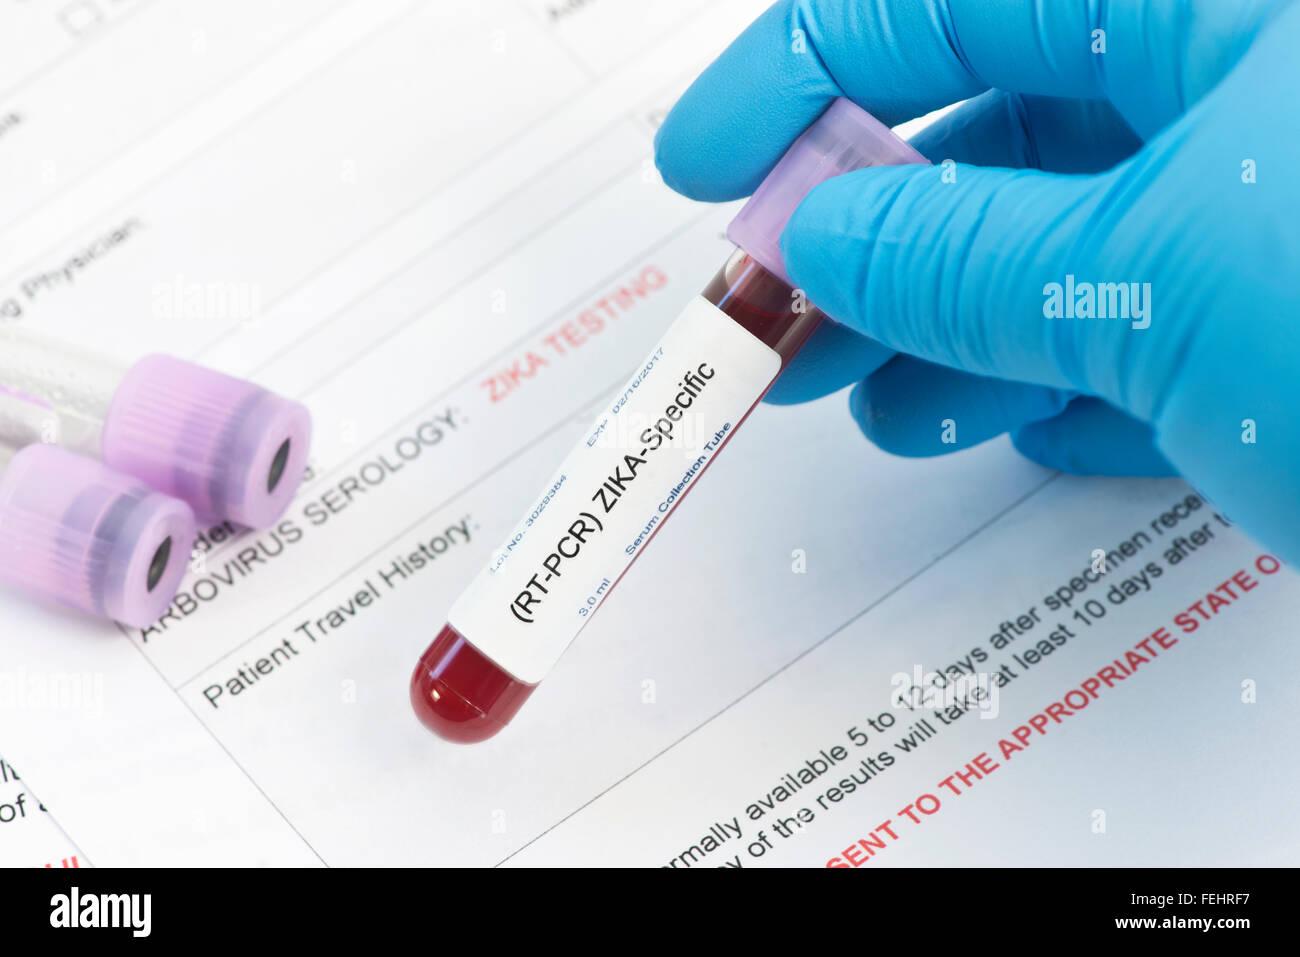 Zika Virus Blut Analyse Sammelröhrchen mit Virologie Lab Anfrage.  Etiketten, durchgeführt vom Fotografen Stockbild